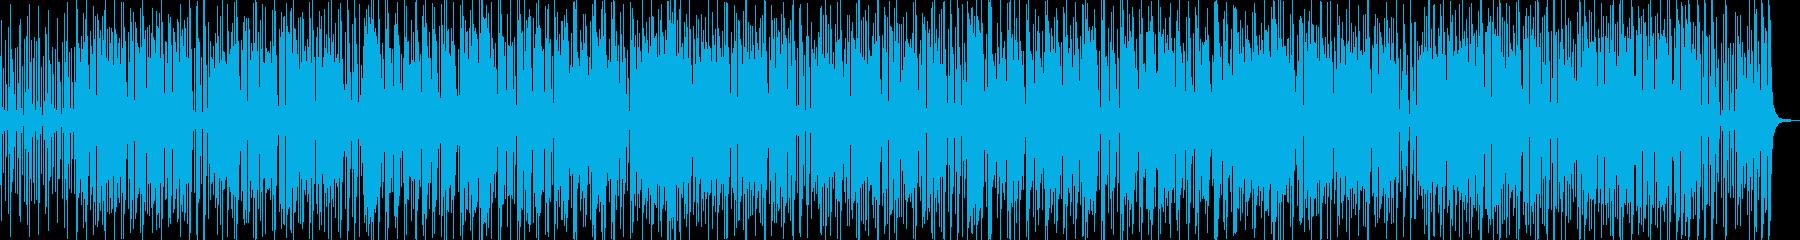 おしゃれで陽気なポップス音楽の再生済みの波形